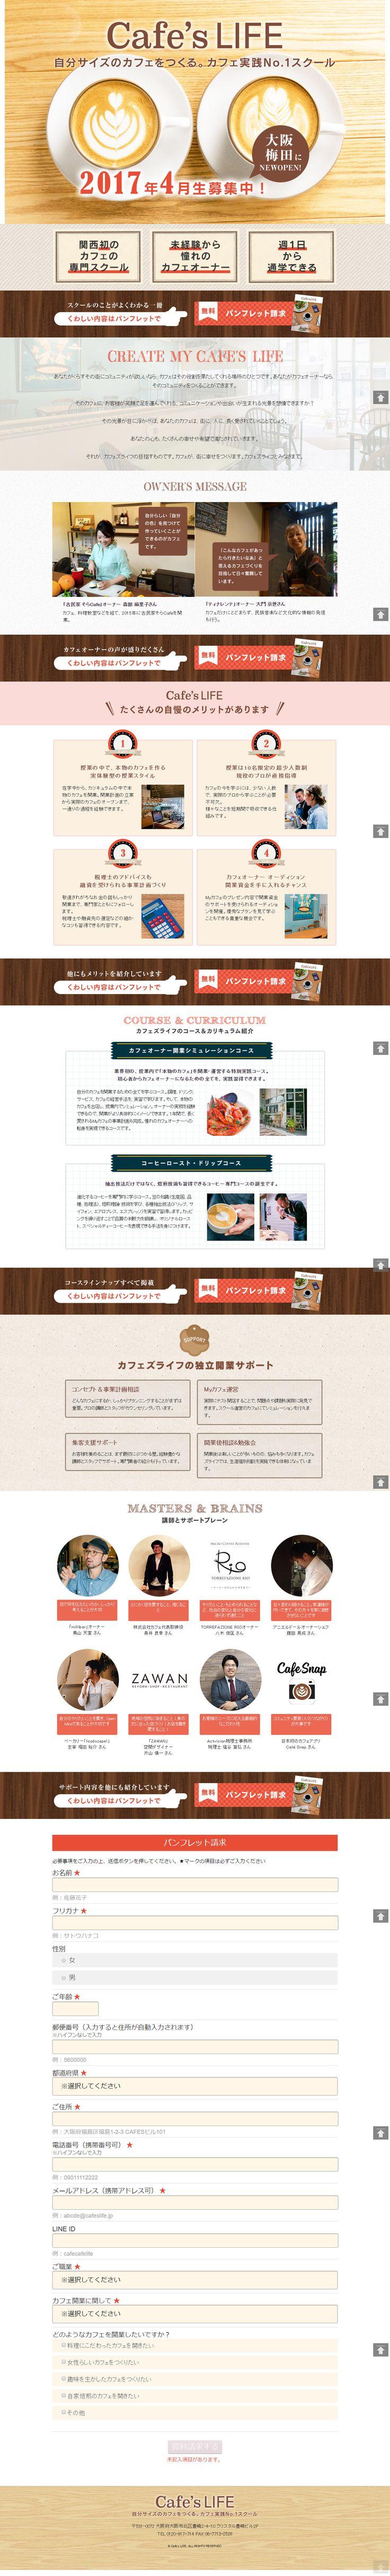 Cafe'sLIFE【サービス関連】のLPデザイン。WEBデザイナーさん必見!ランディングページのデザイン参考に(ナチュラル系)